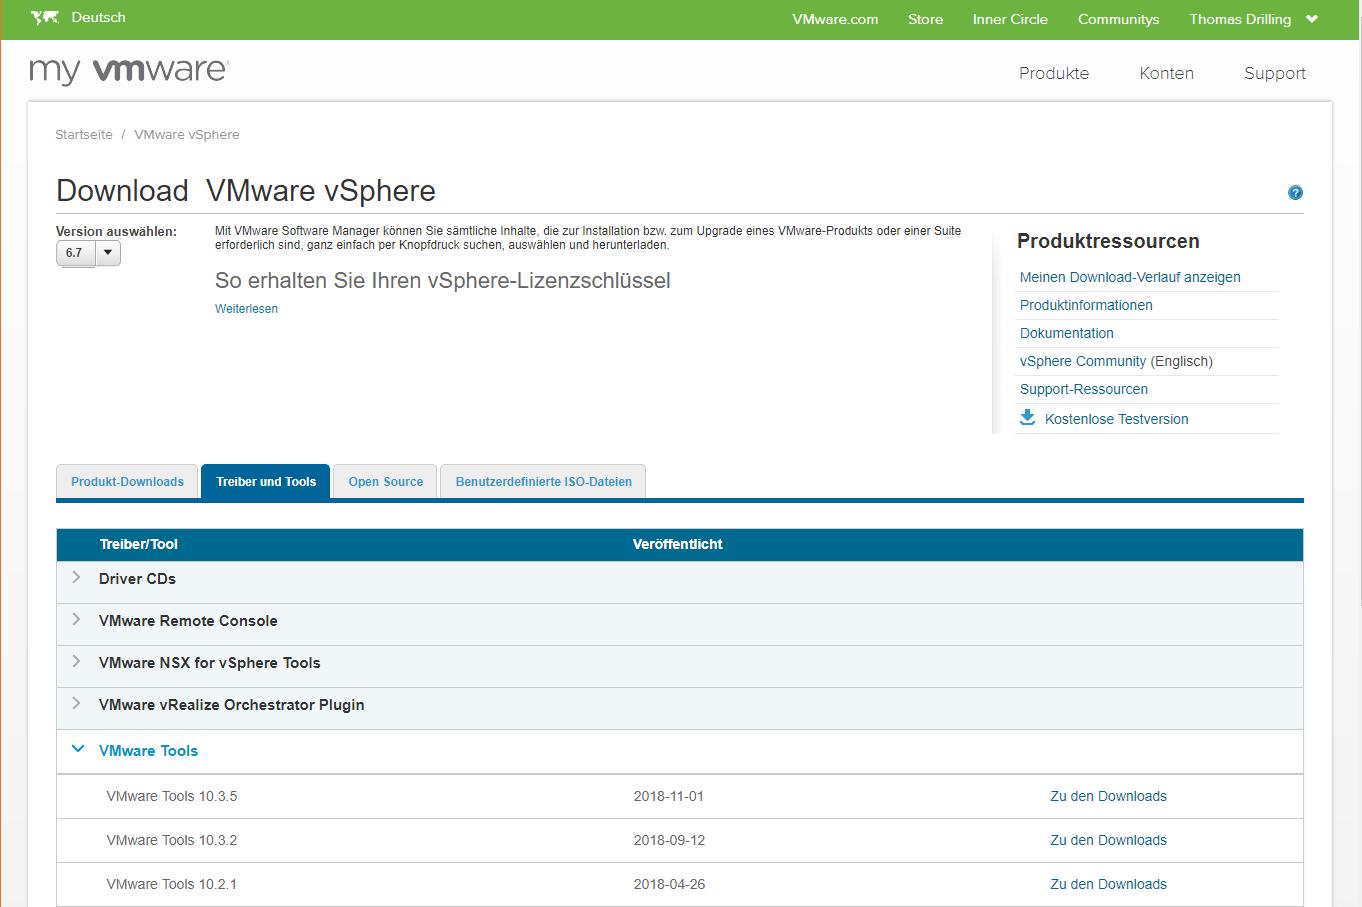 vmware tools 10.3 iso download